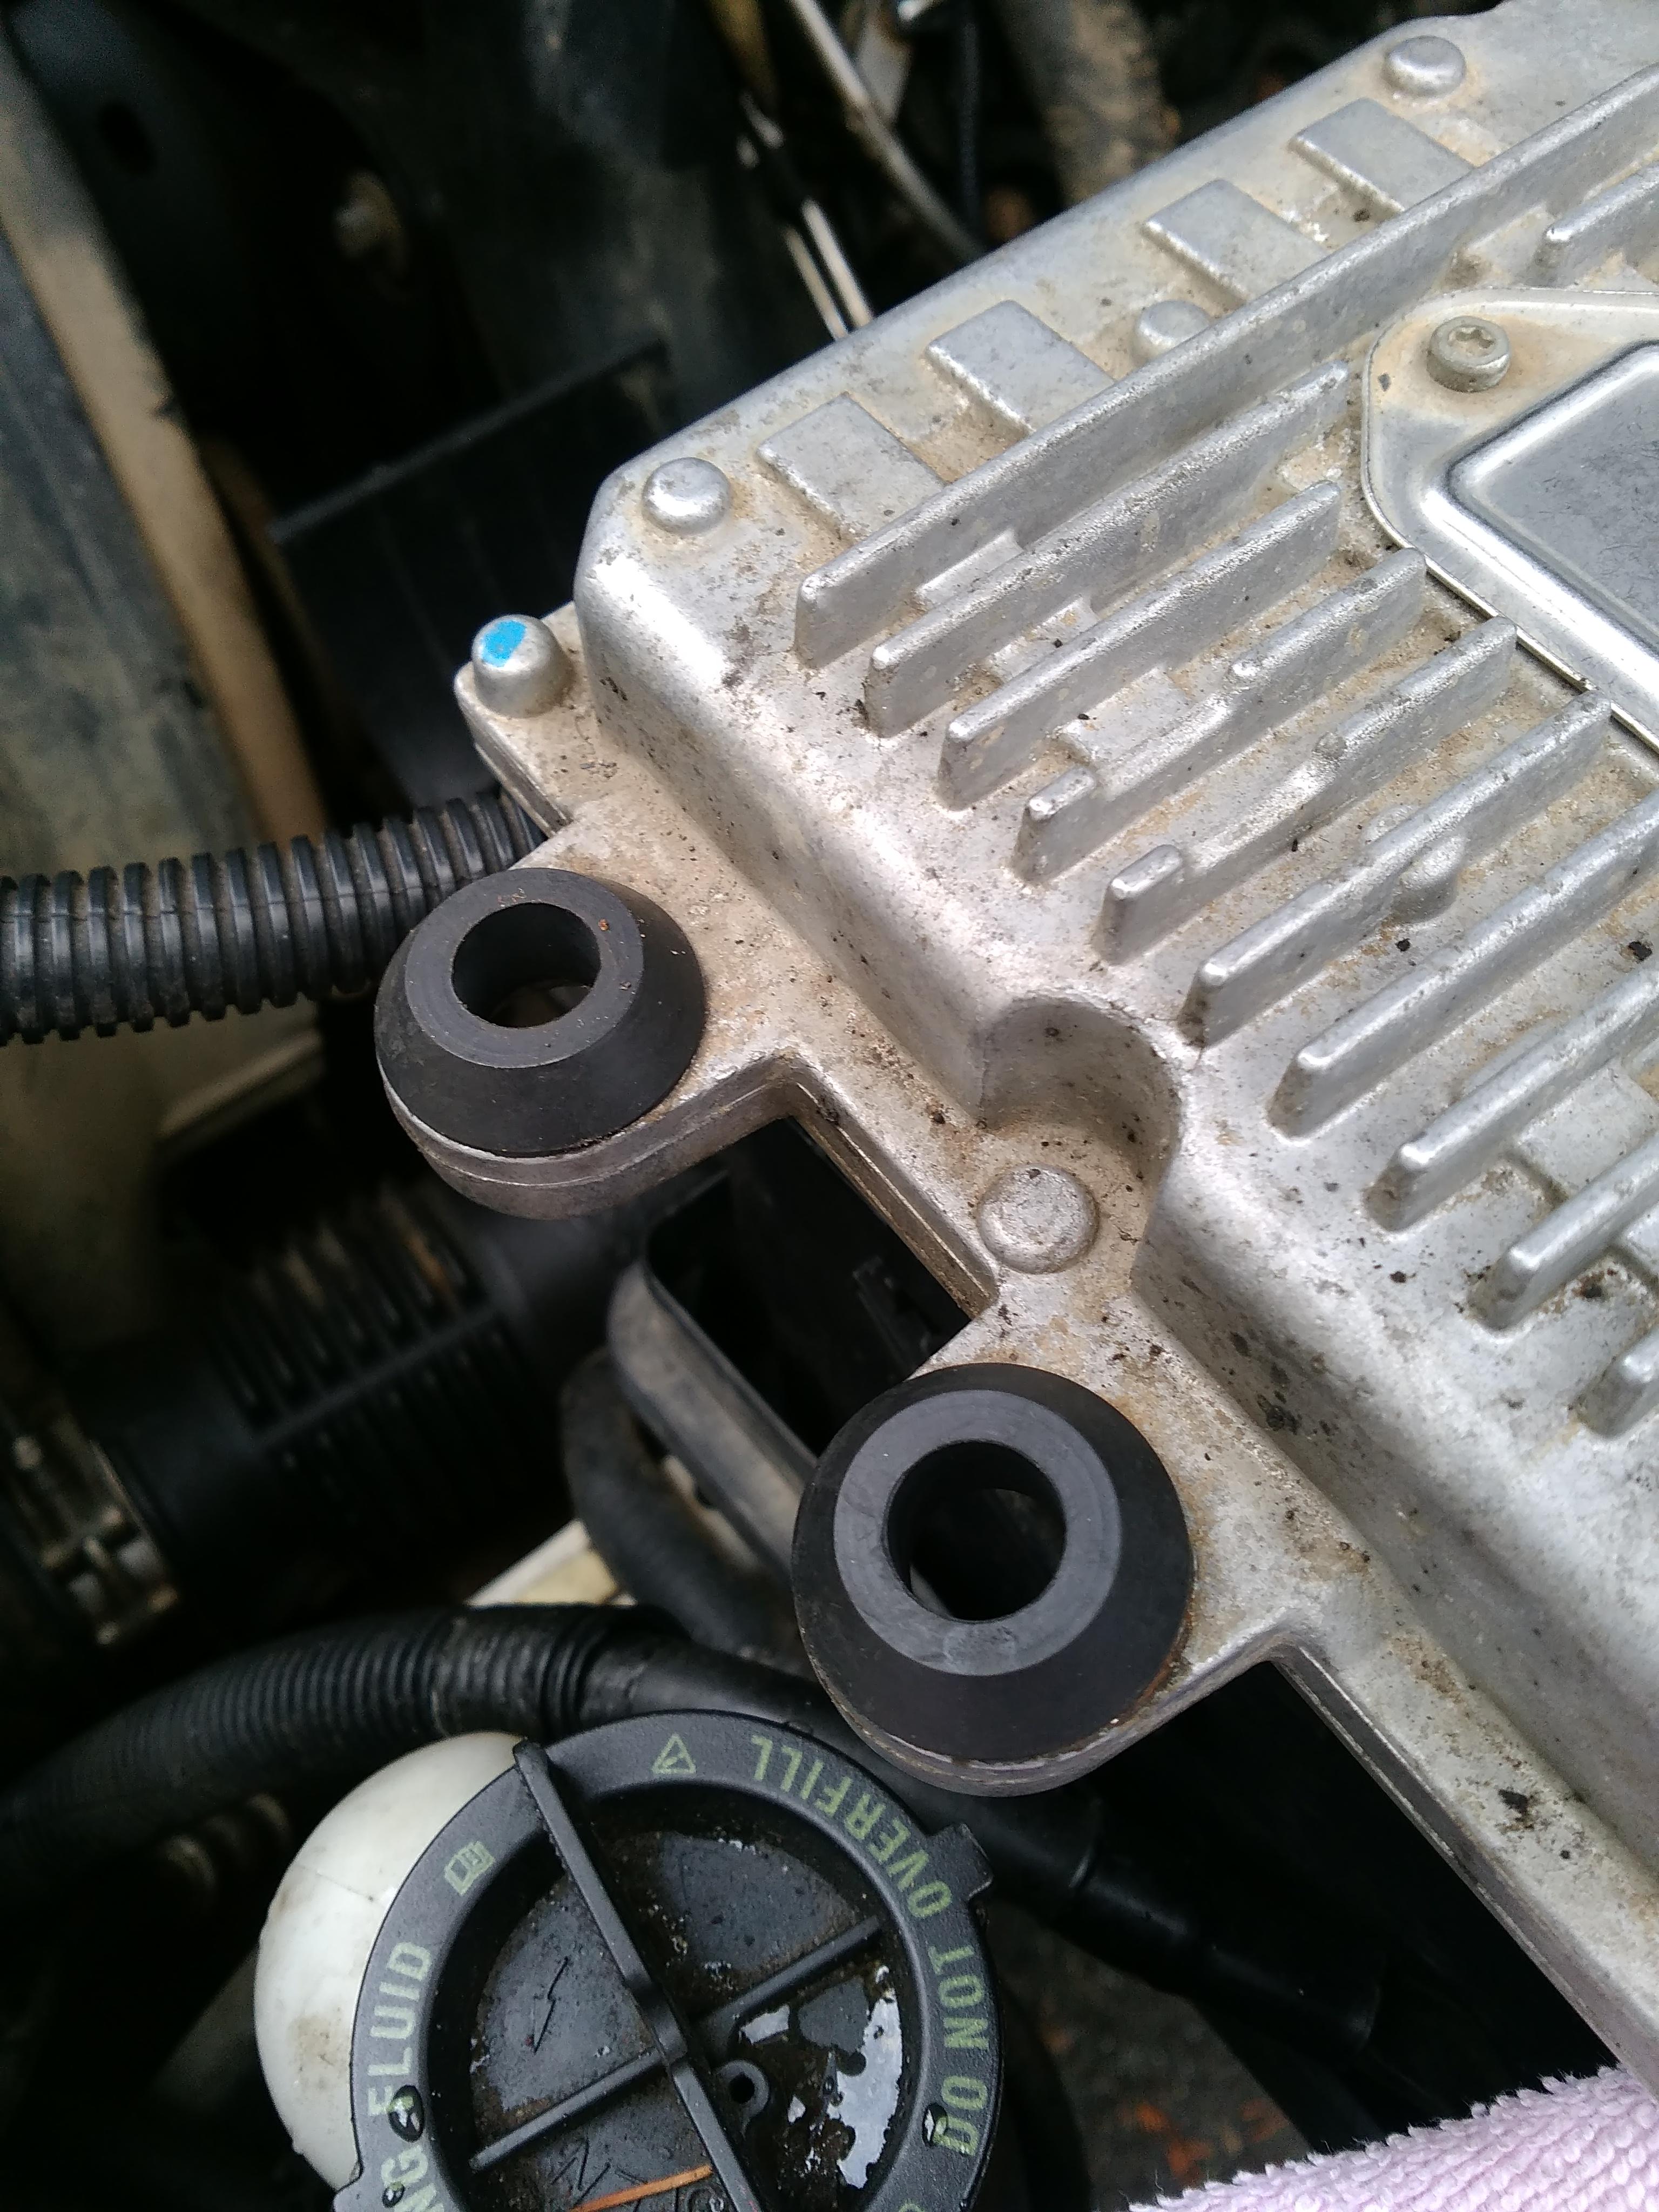 Ford 6.0 Diesel >> FICM Mounts - Ford Powerstroke Diesel Forum